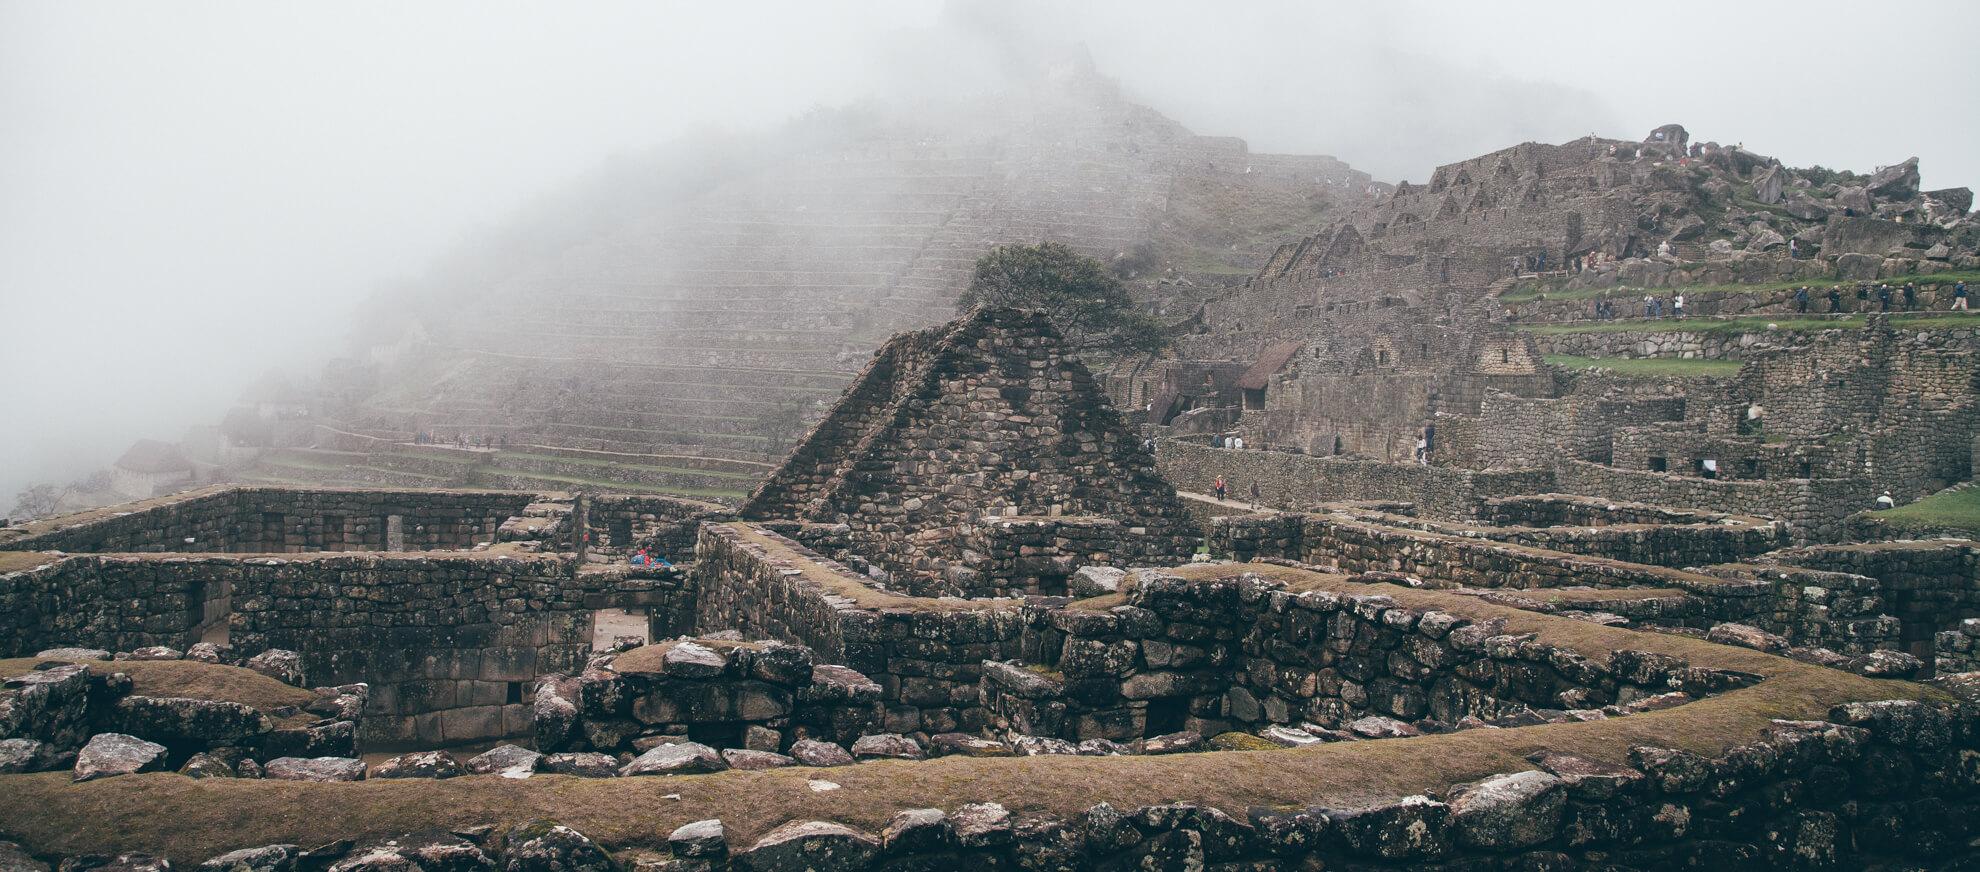 Vista de Machu Picchu encoberta por núvens